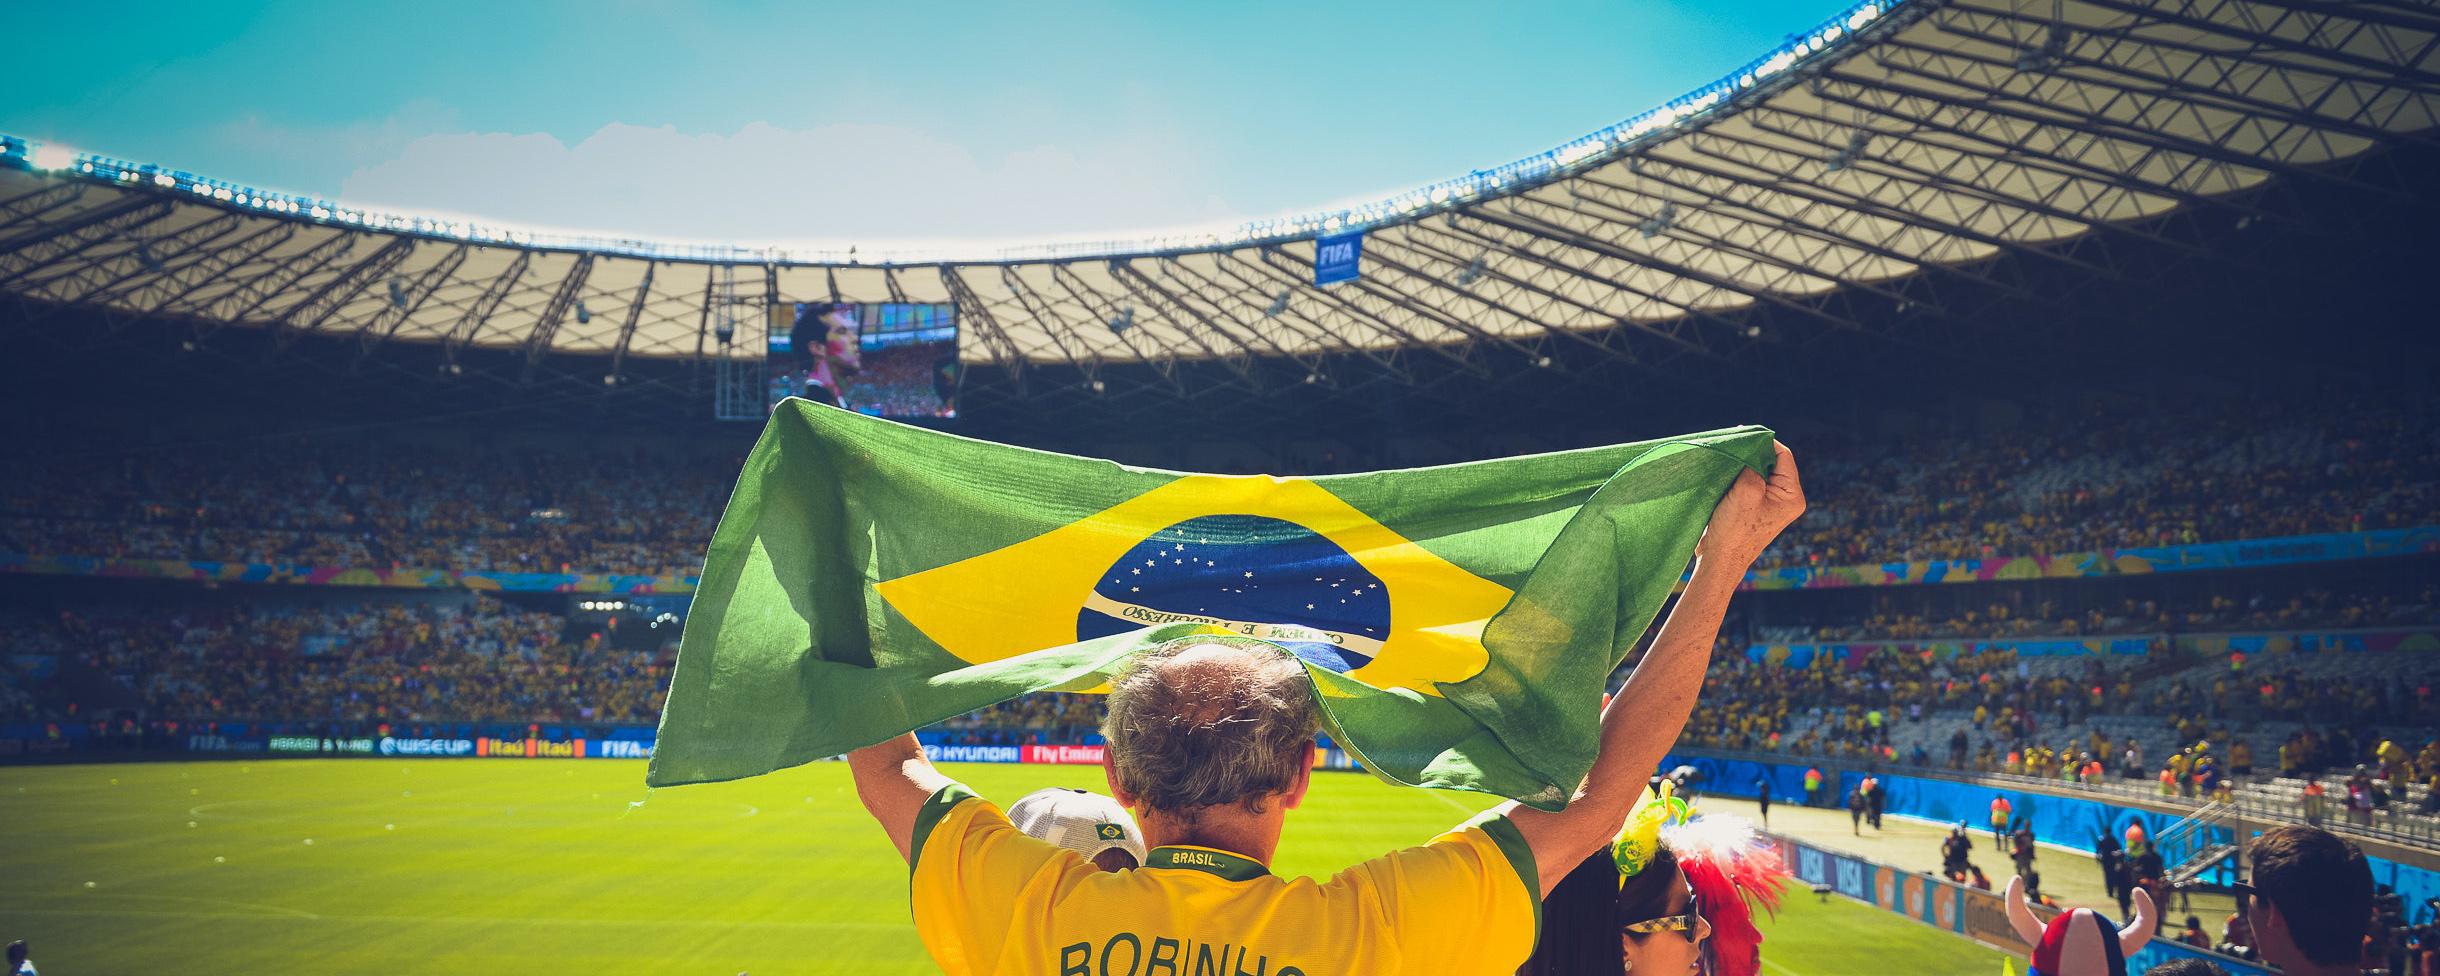 brasil-btc.jp